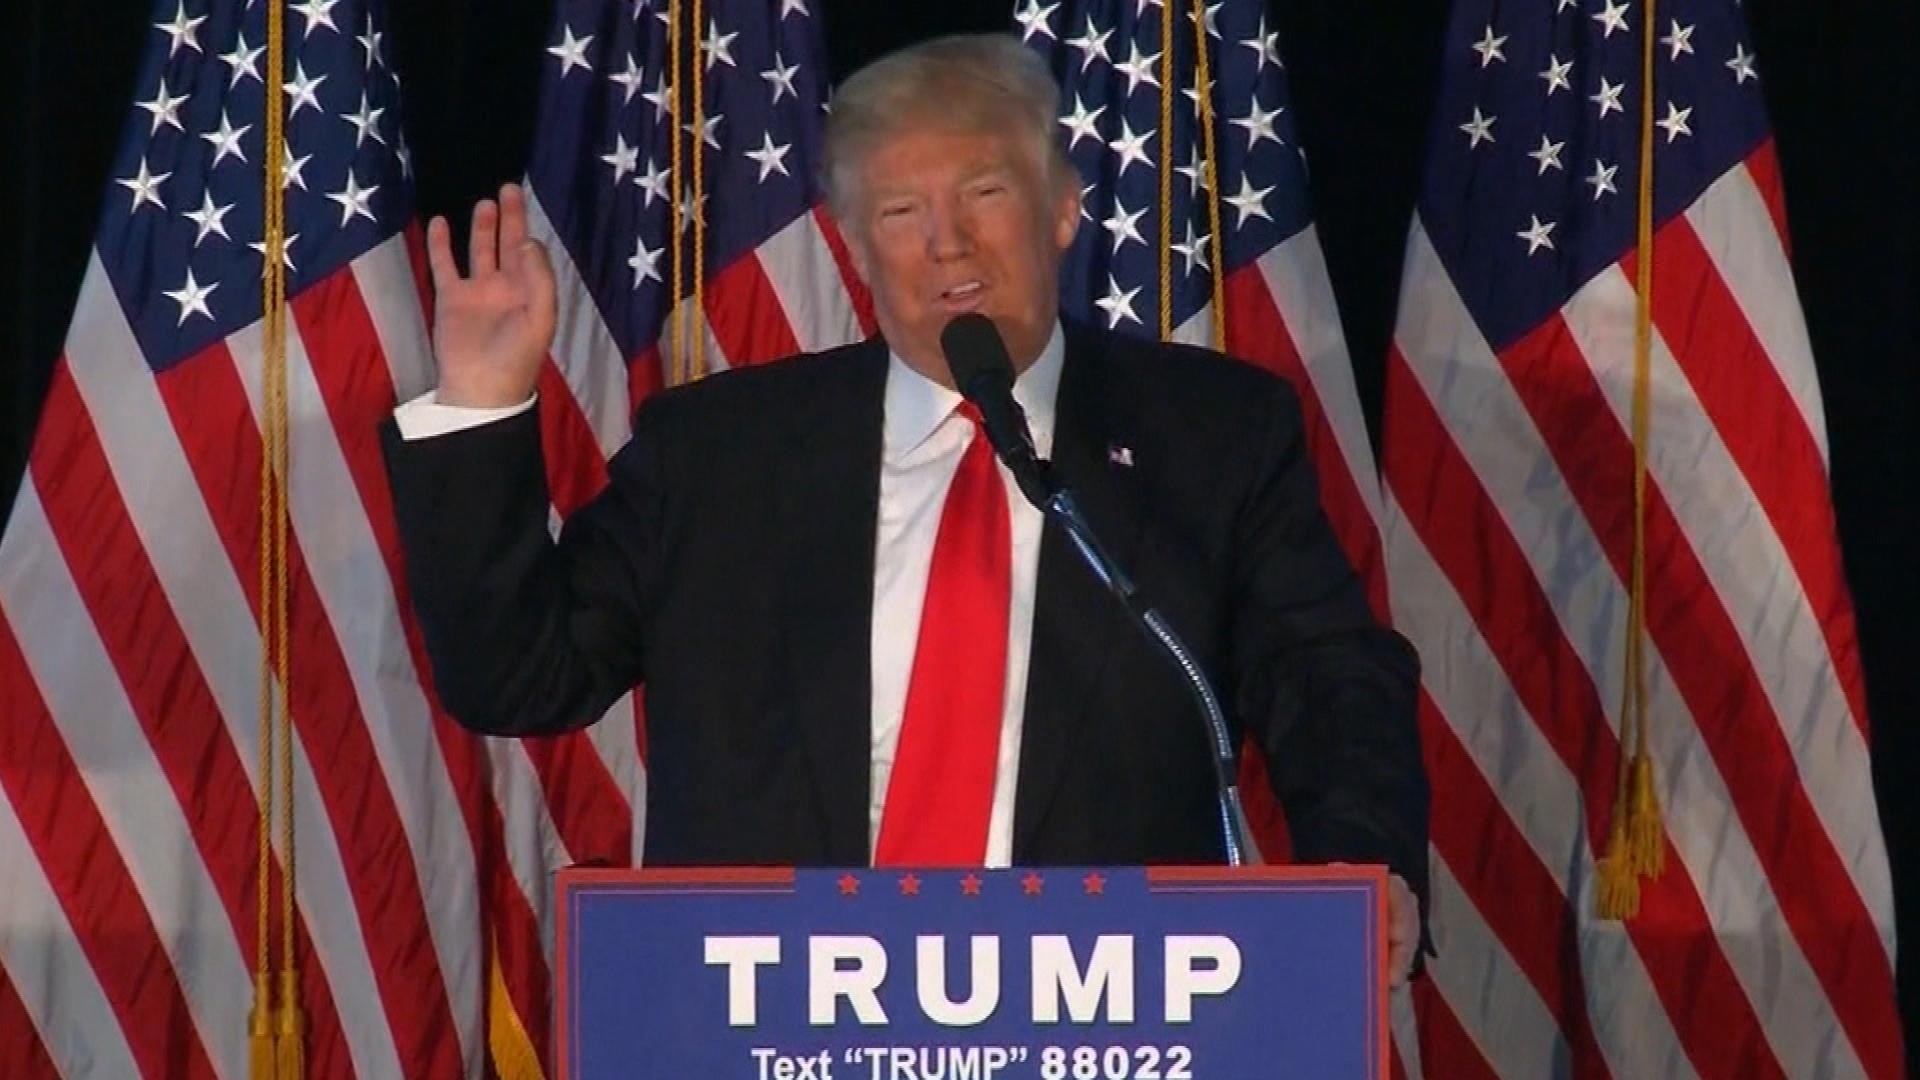 Les faits alternatifs de l'administration Trump